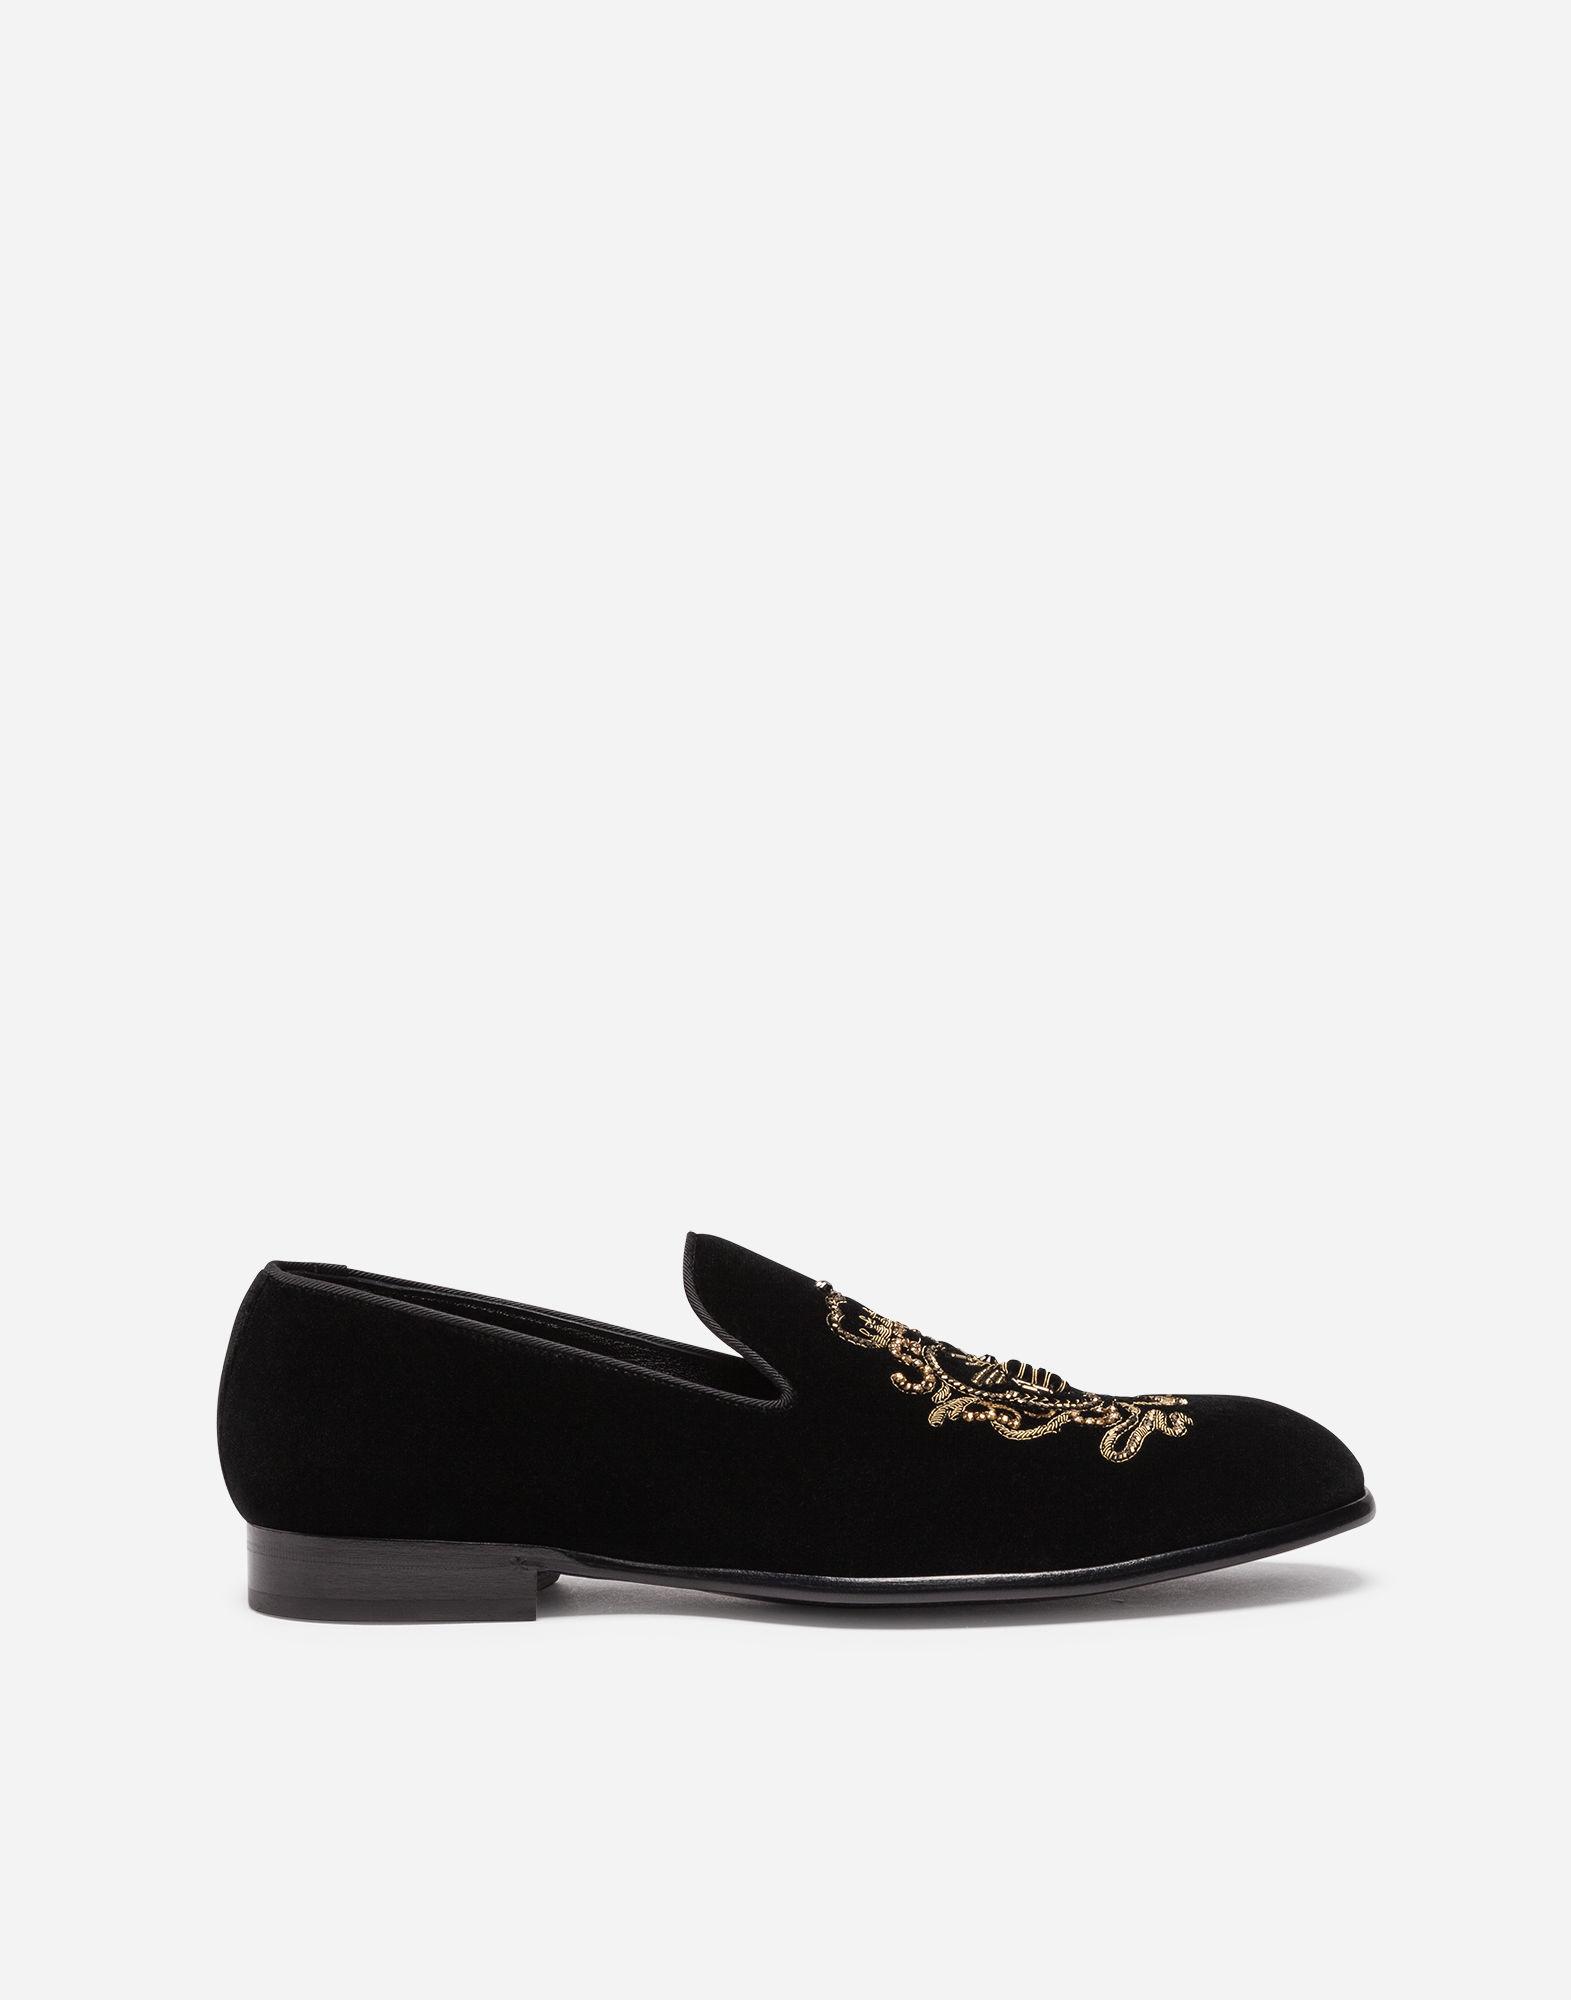 Dolce & GabbanaDolce & Gabbana Velvet Slip-On Loafers HqeESiB8qD